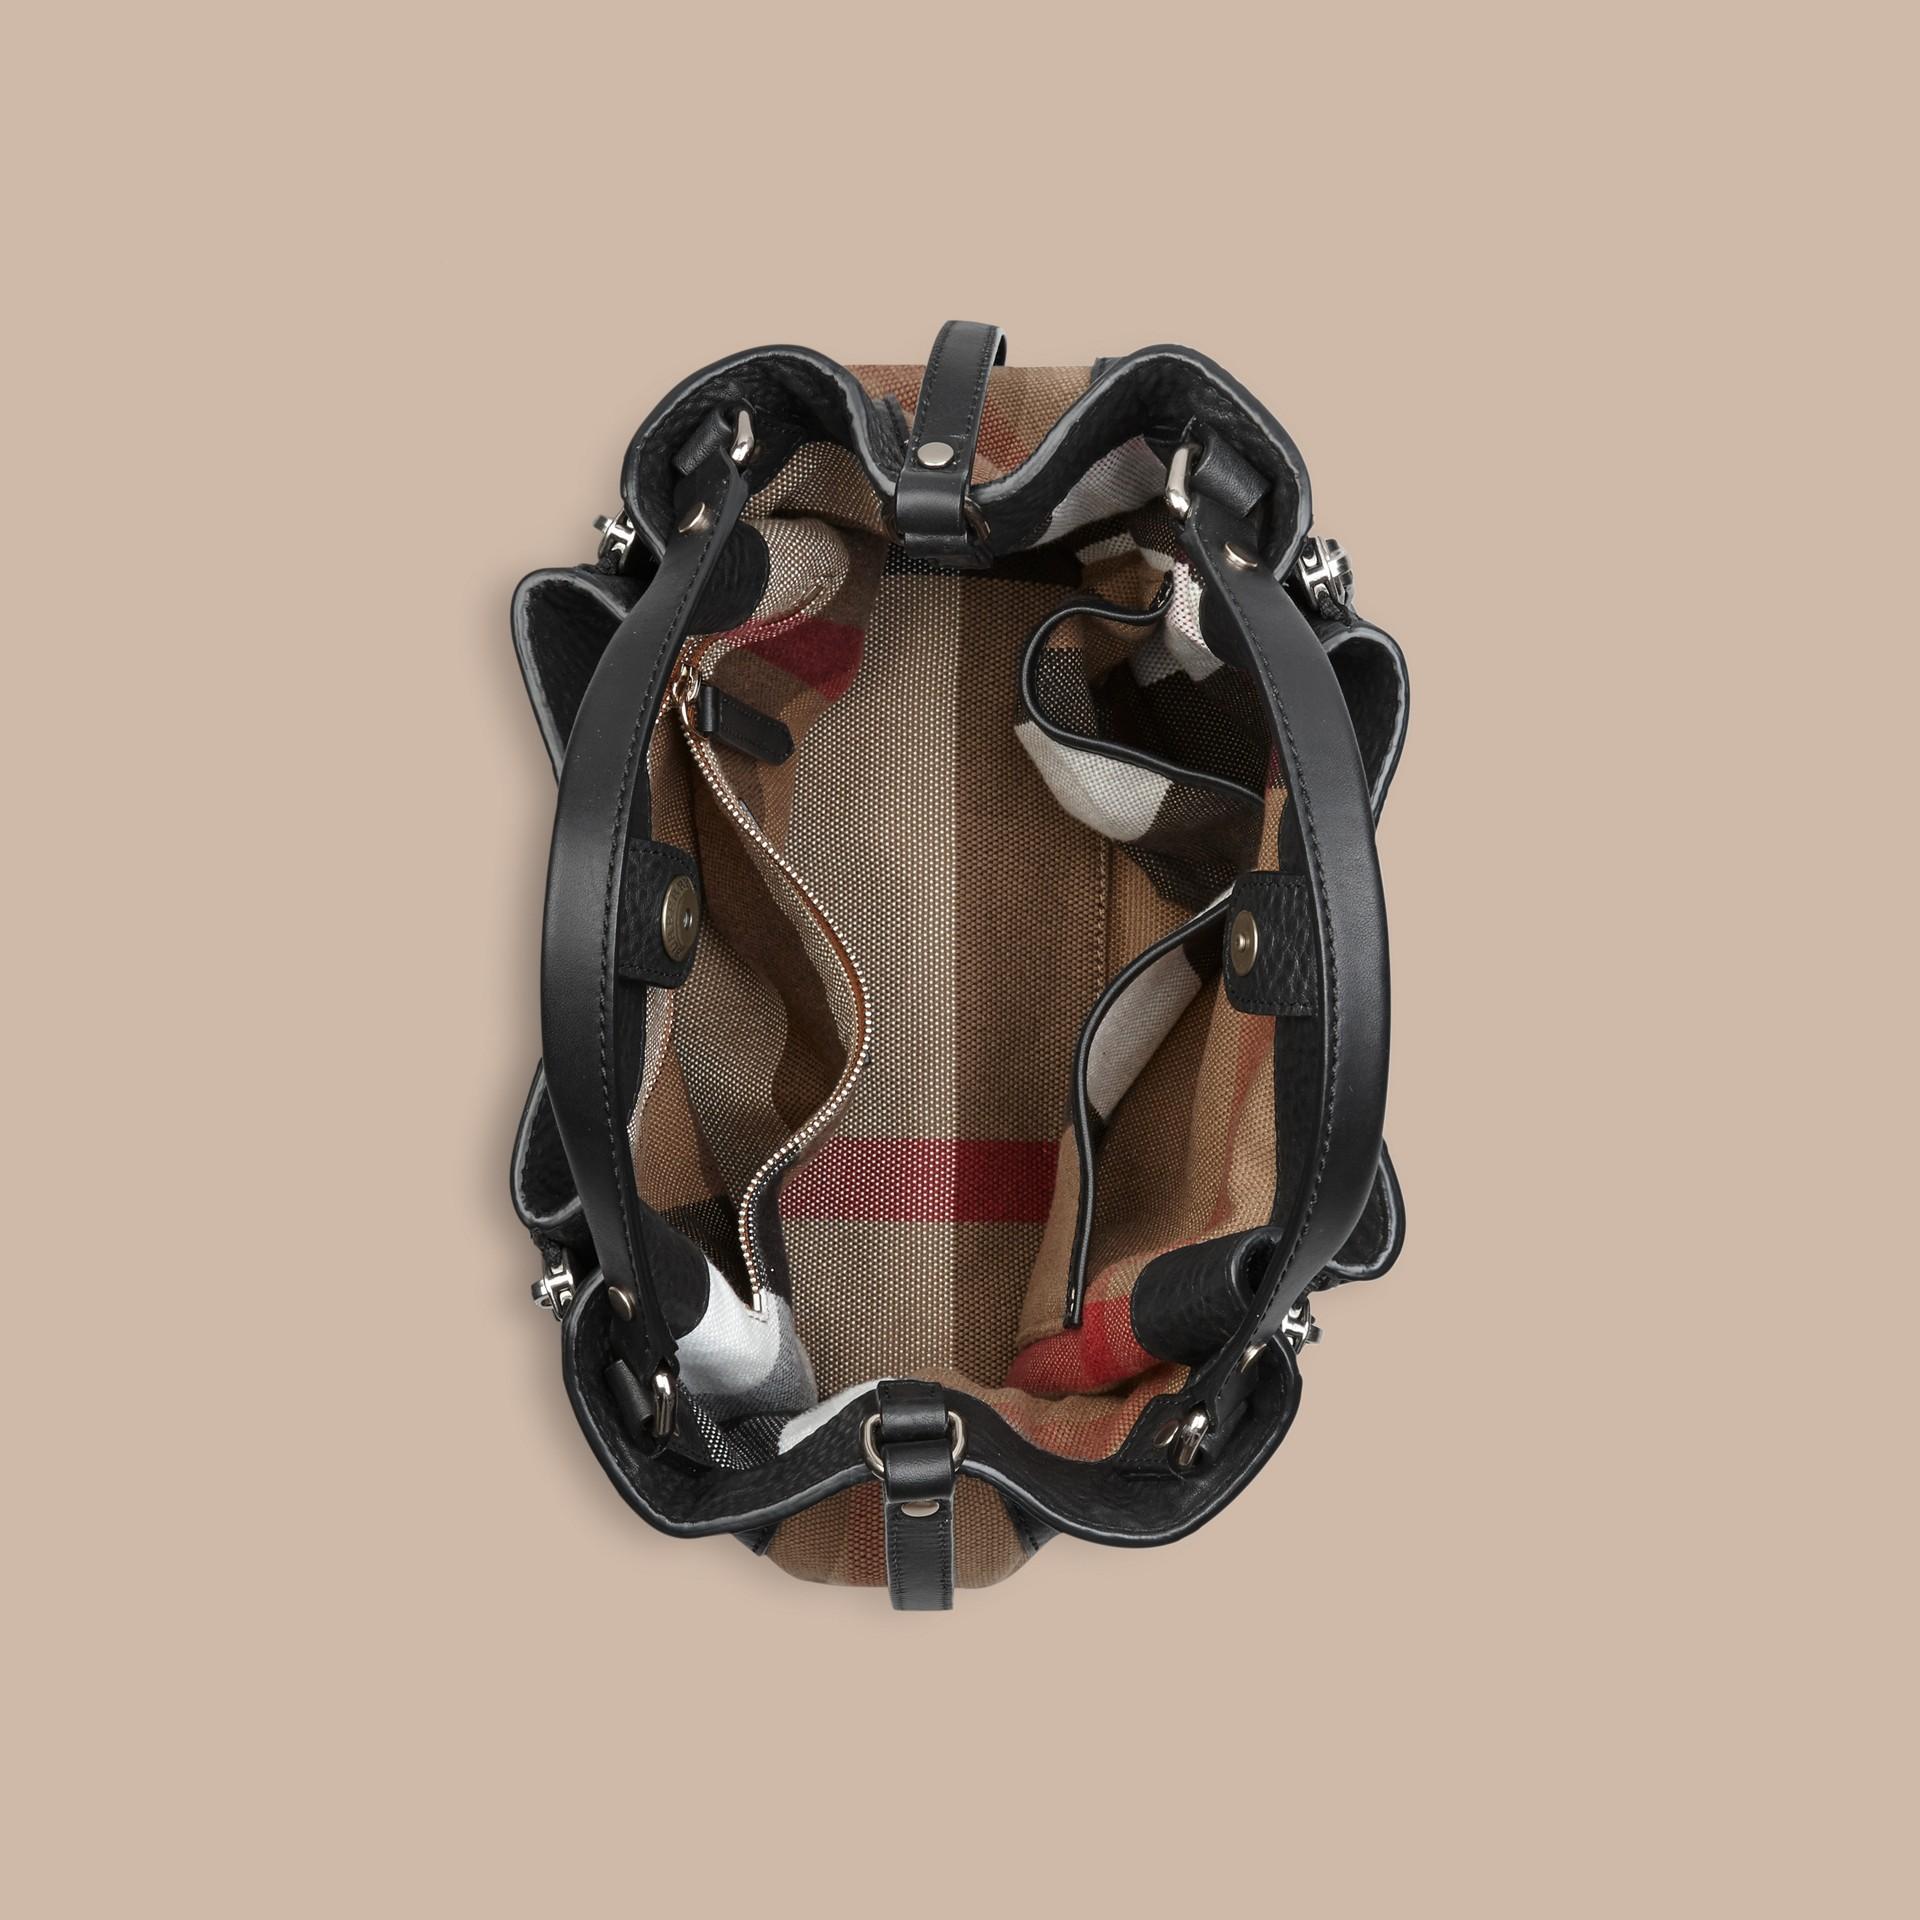 Черный Сумка-тоут из кожи со вставками в клетку Черный - изображение 7